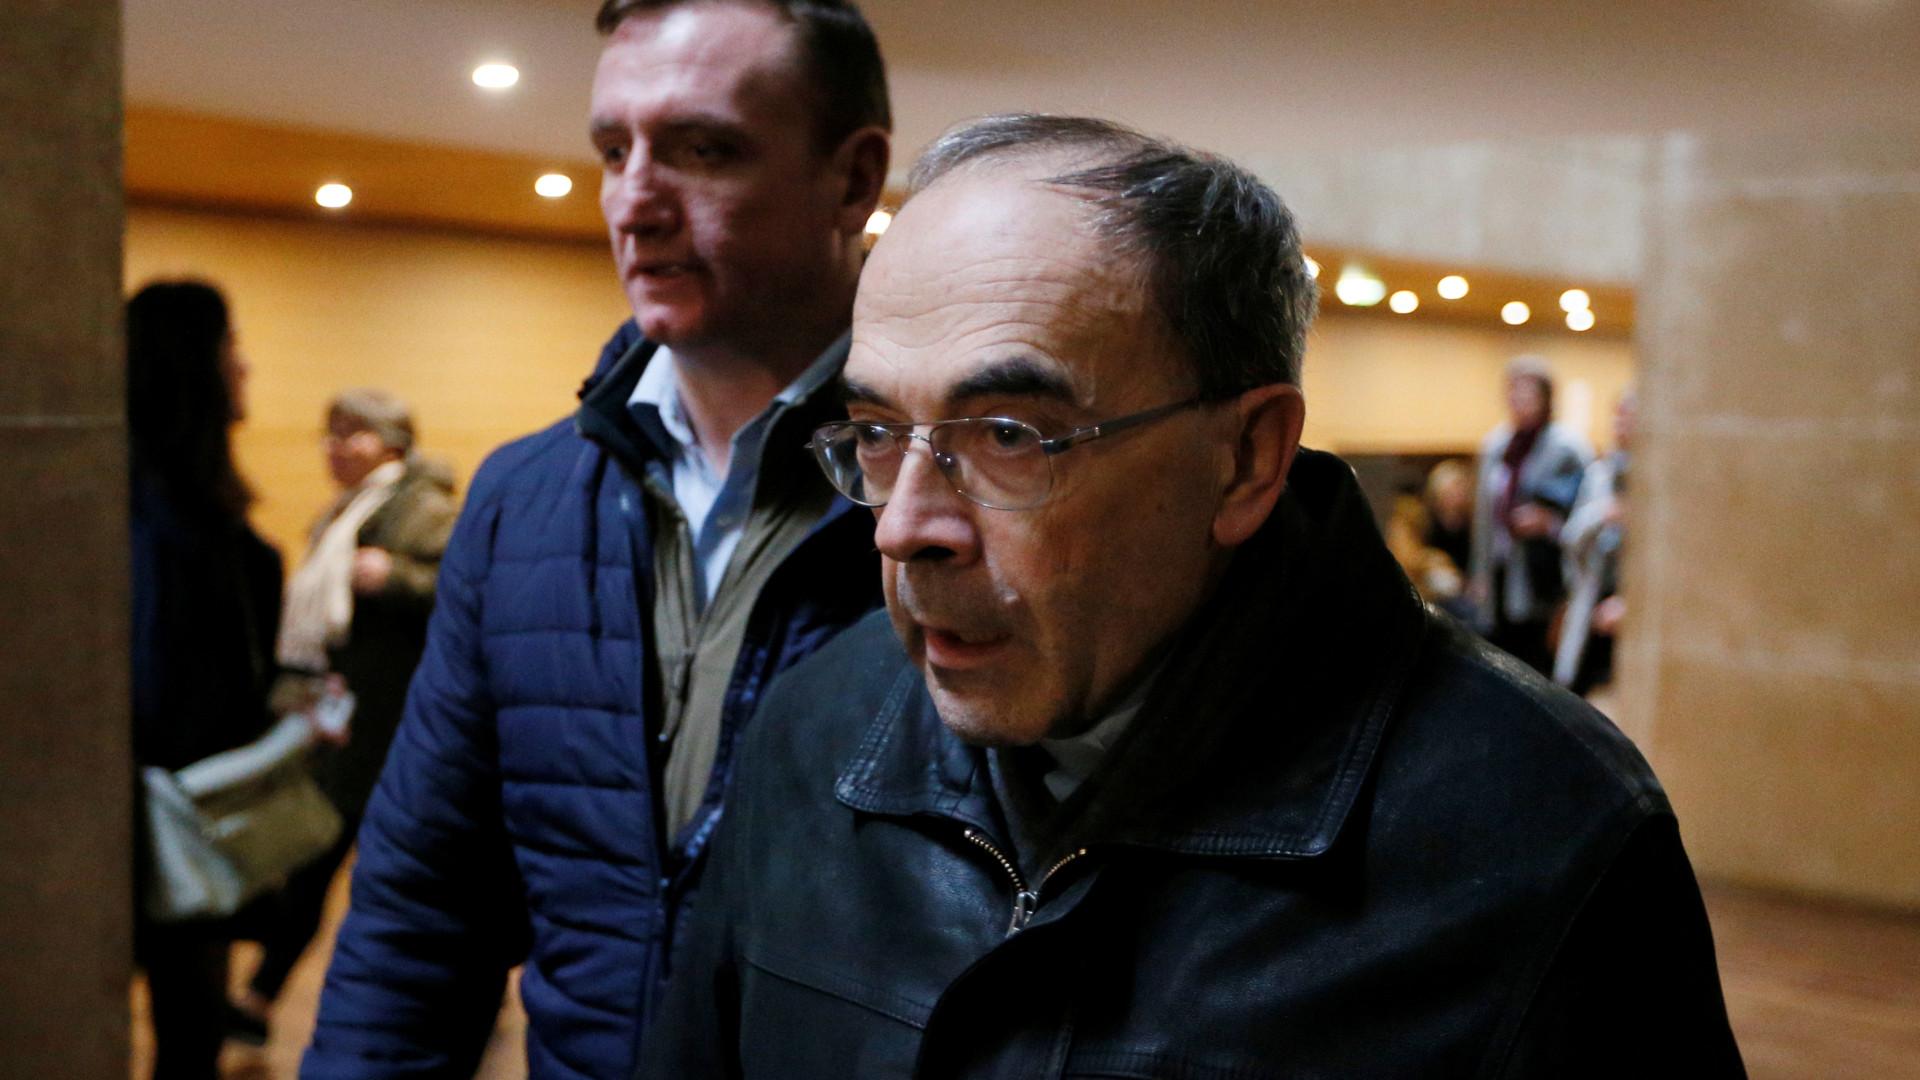 Cardeal francês é condenado por ocultar casos de pedofilia